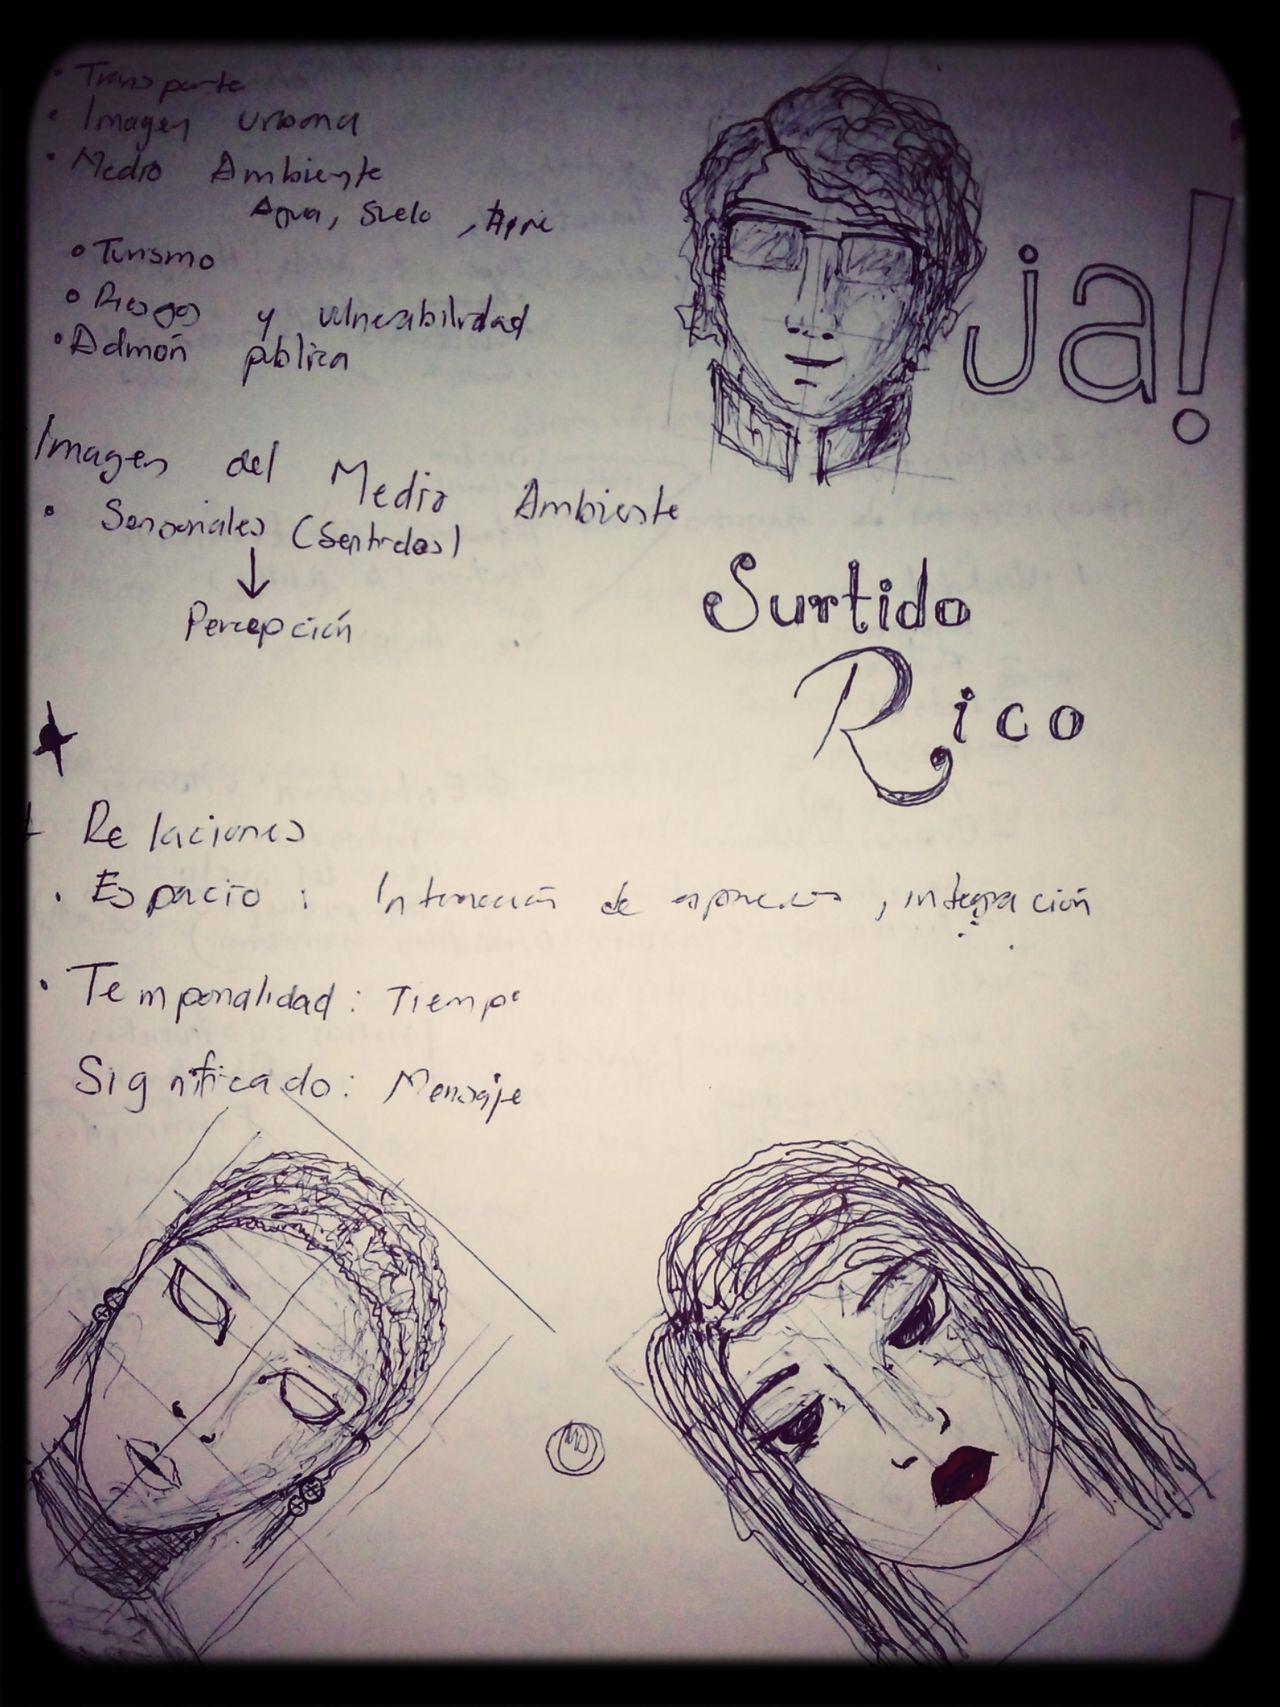 Otro de los tantos dibujos que hay en mis apuntes del tec! Drawing In Class Working Class Apuntes Dibujando En Clase